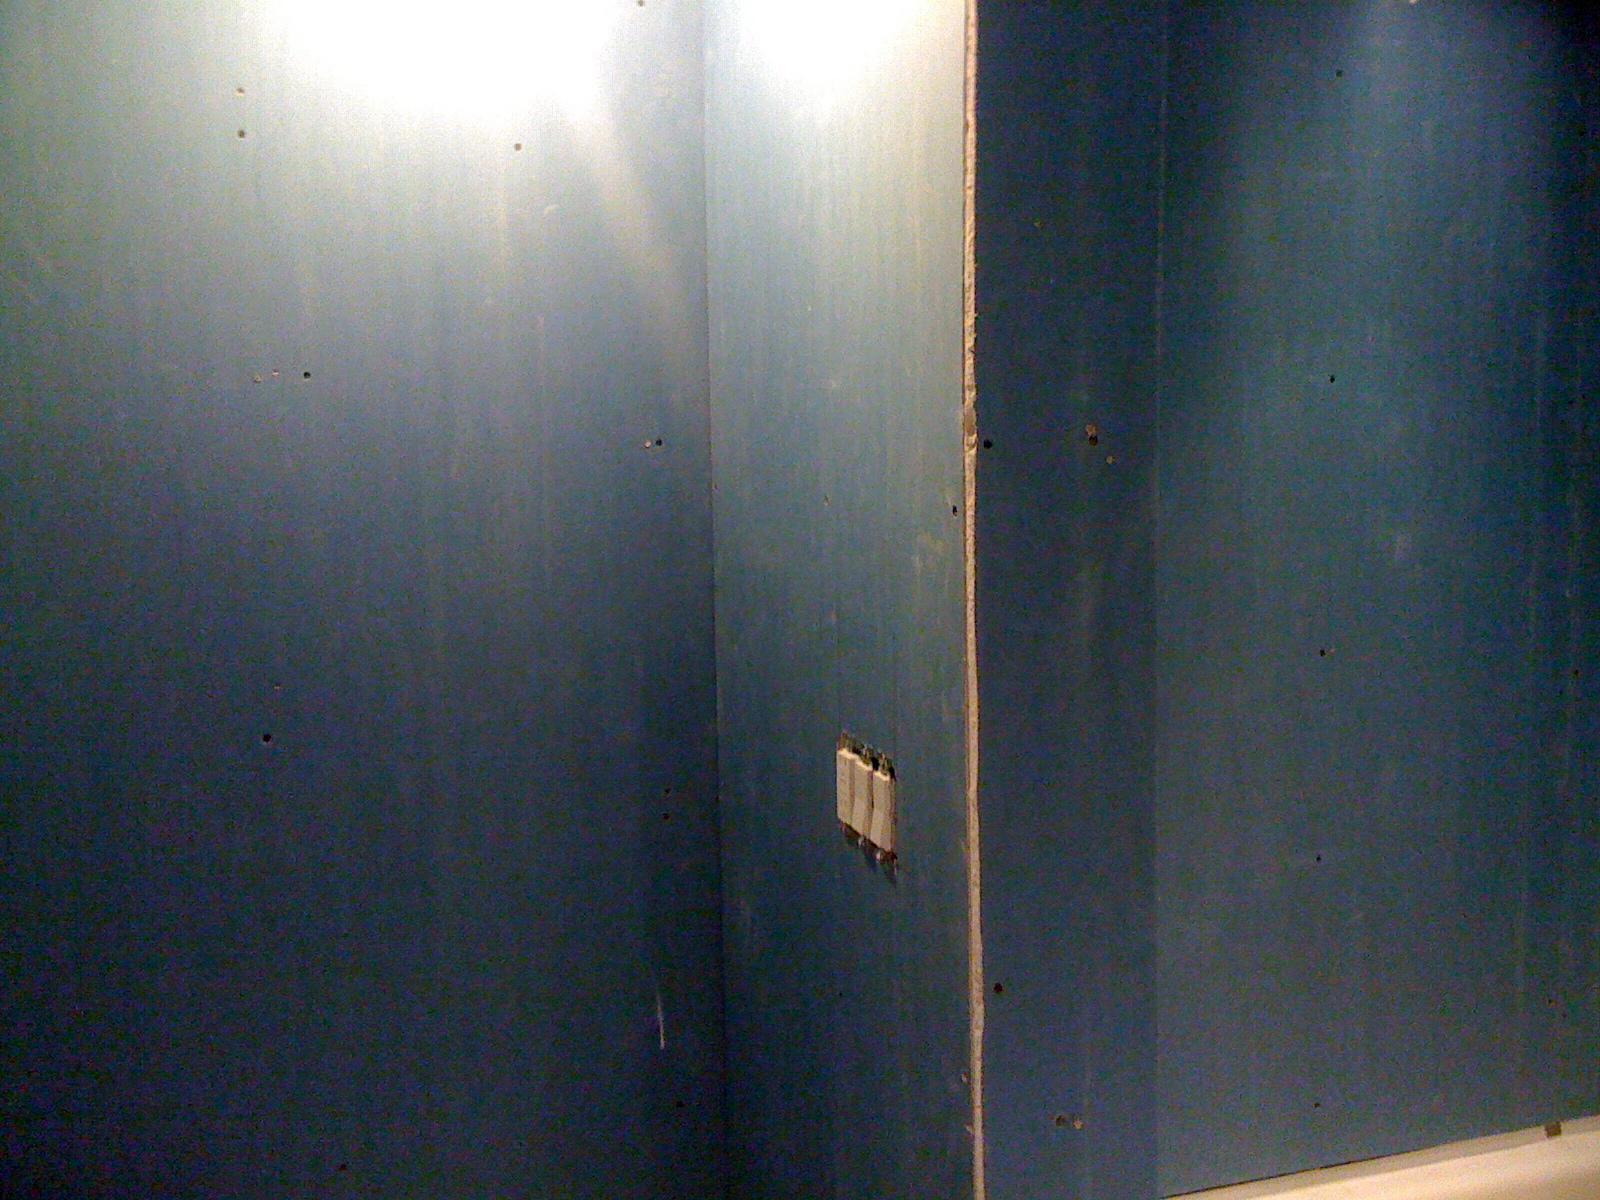 Water resistant drywall